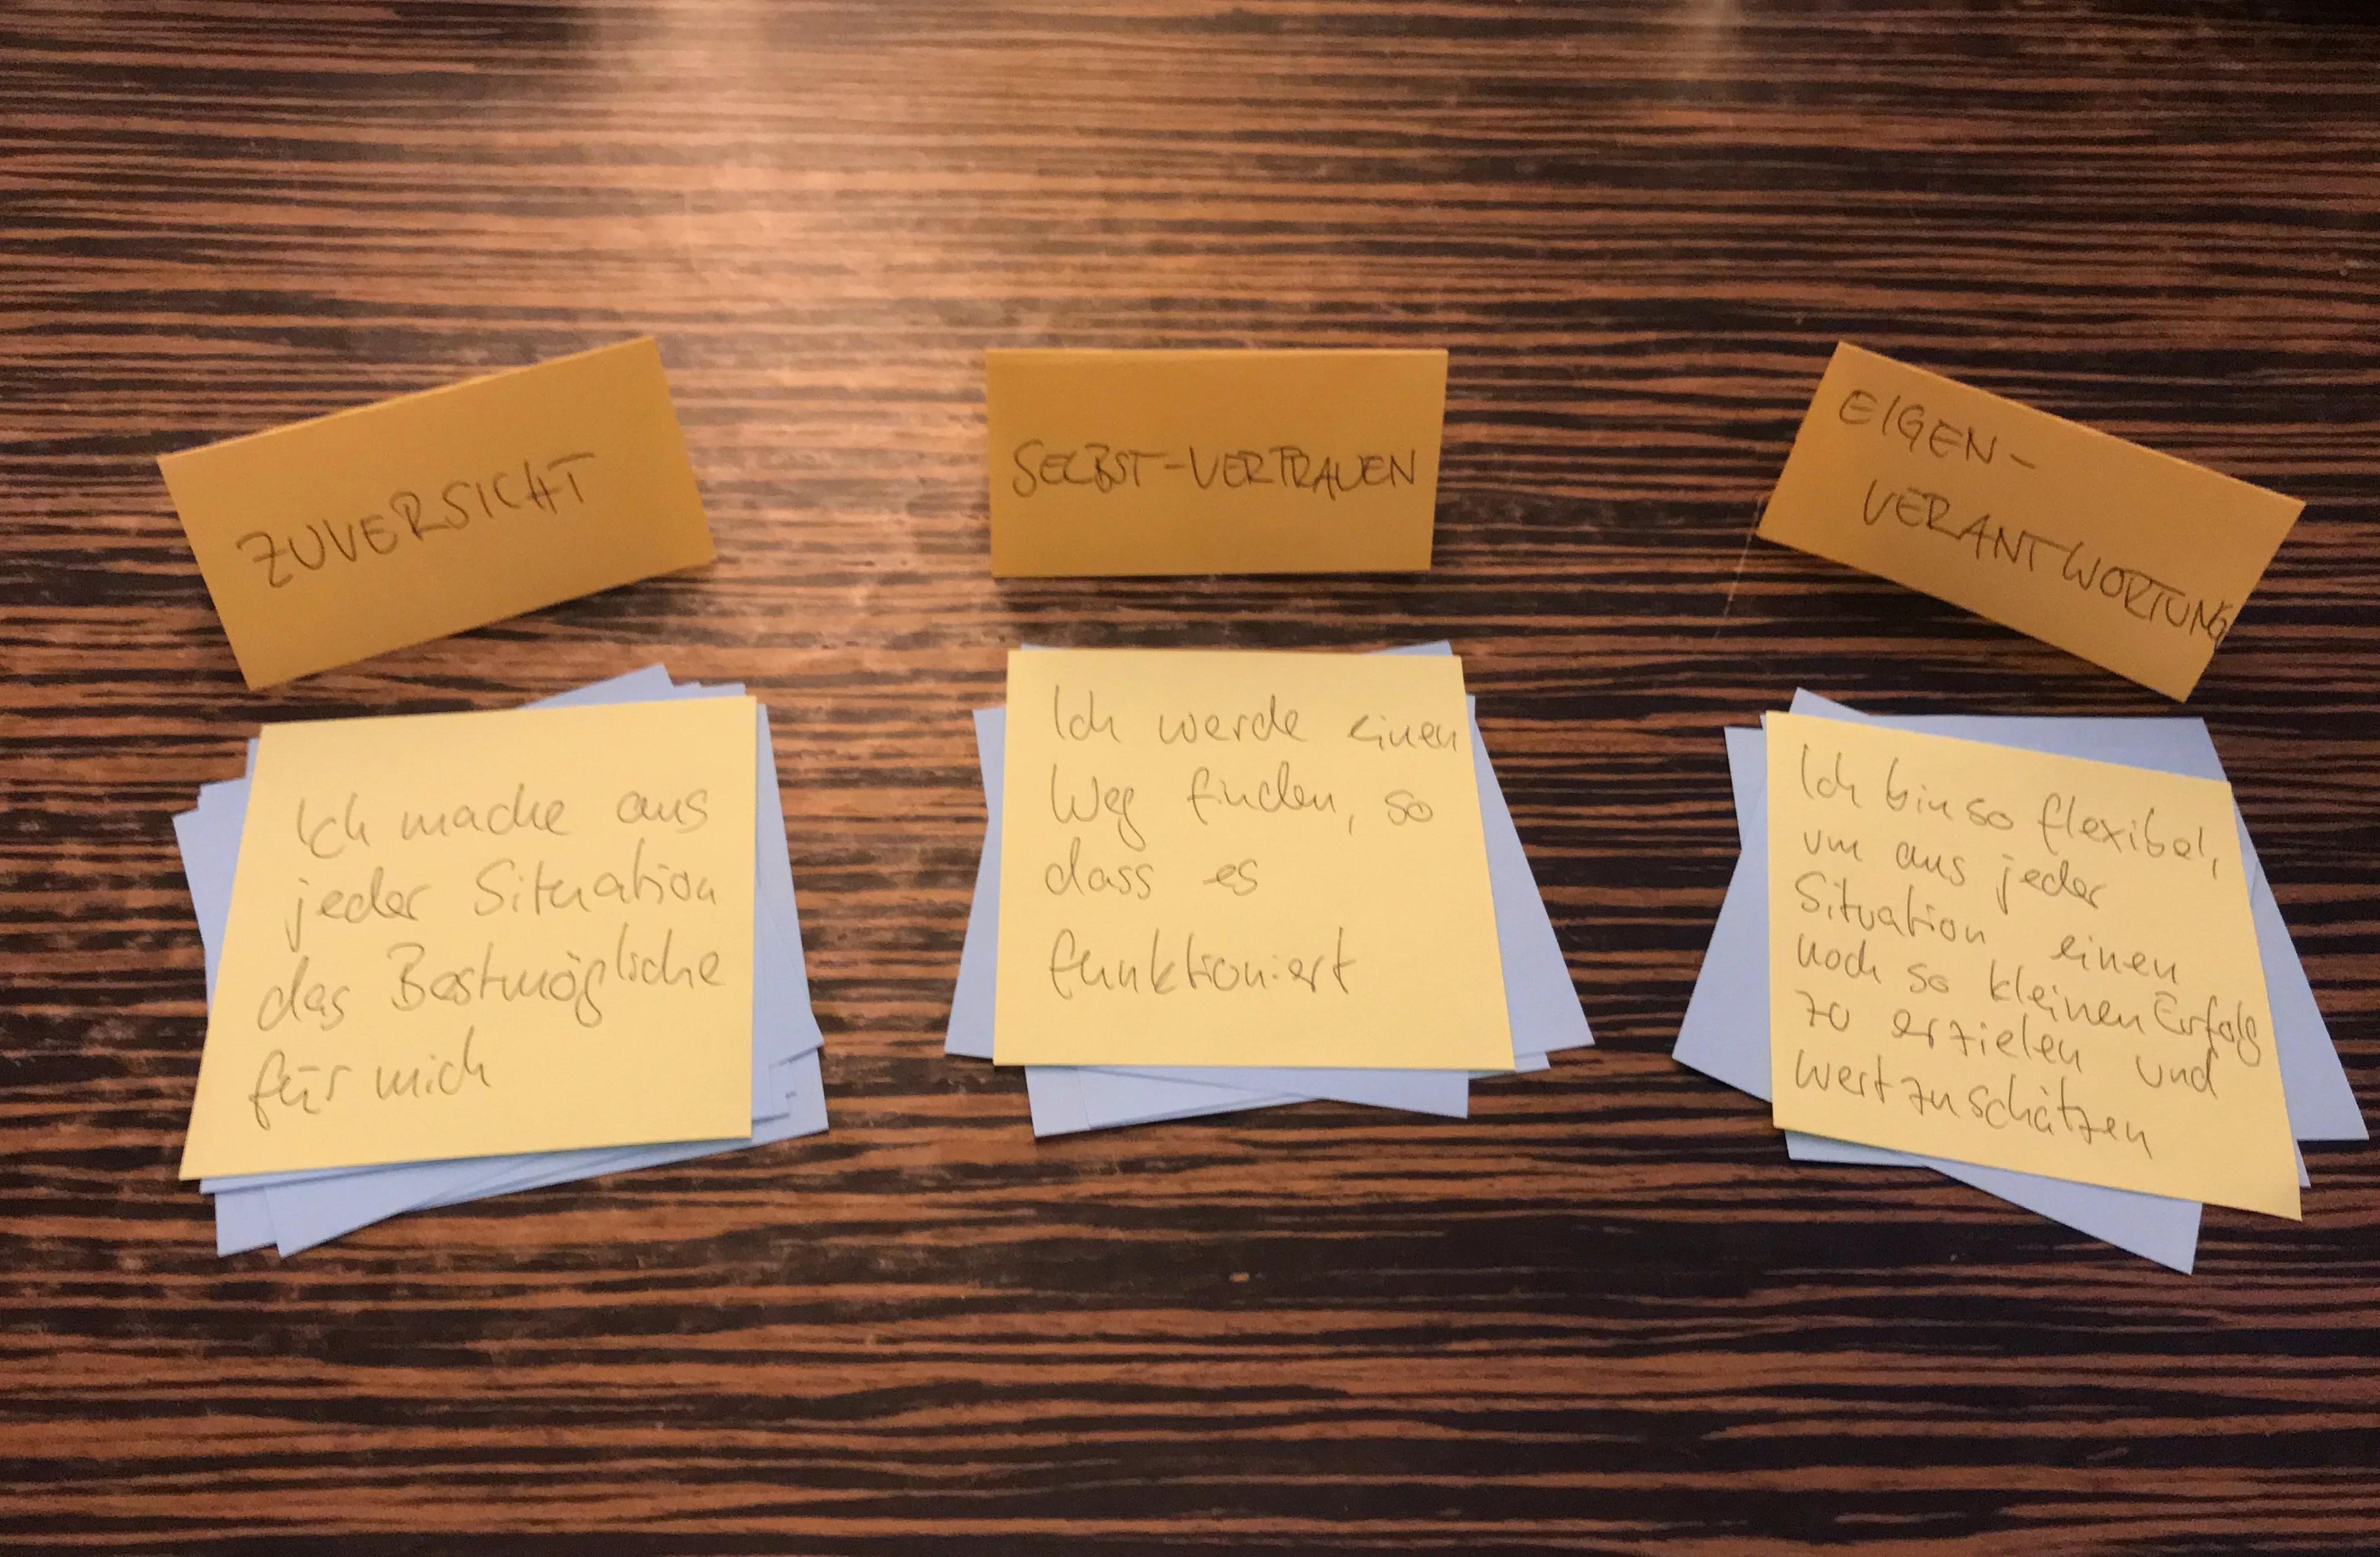 Identifizierung und Veränderung negativer Glaubenssätze. Eine praktische Anleitung. #psychotHHerapie via @psychothherapie